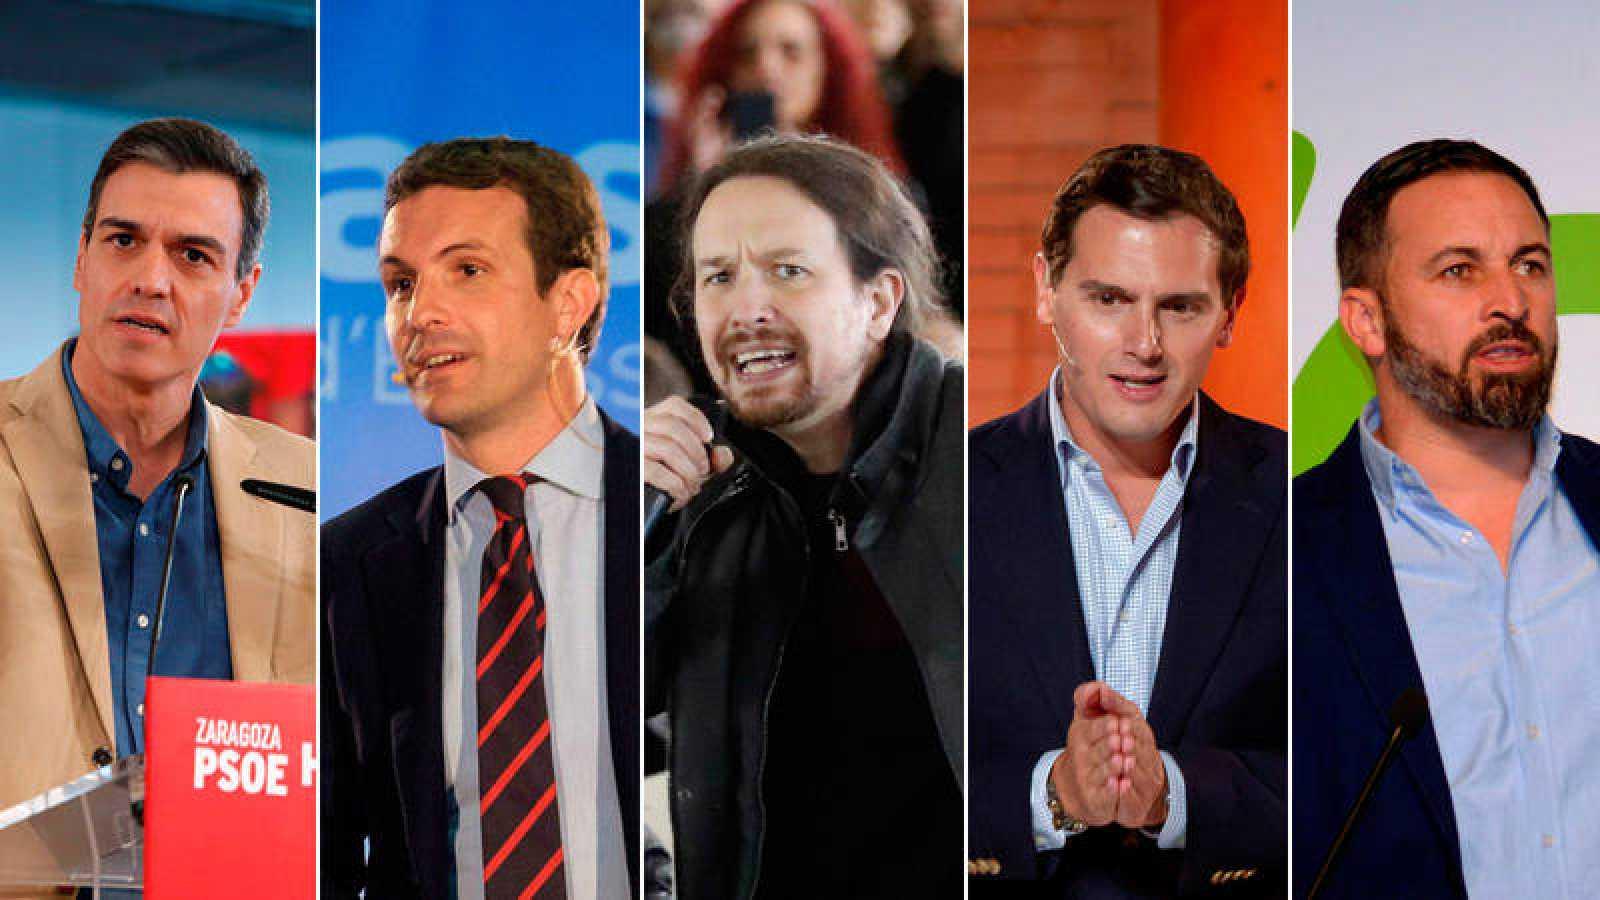 b06841bfb Pedro Sánchez, Pablo Casado, Pablo Iglesias, Albert Rivera y Santiago  Abascal. De izquierda a derecha: ...